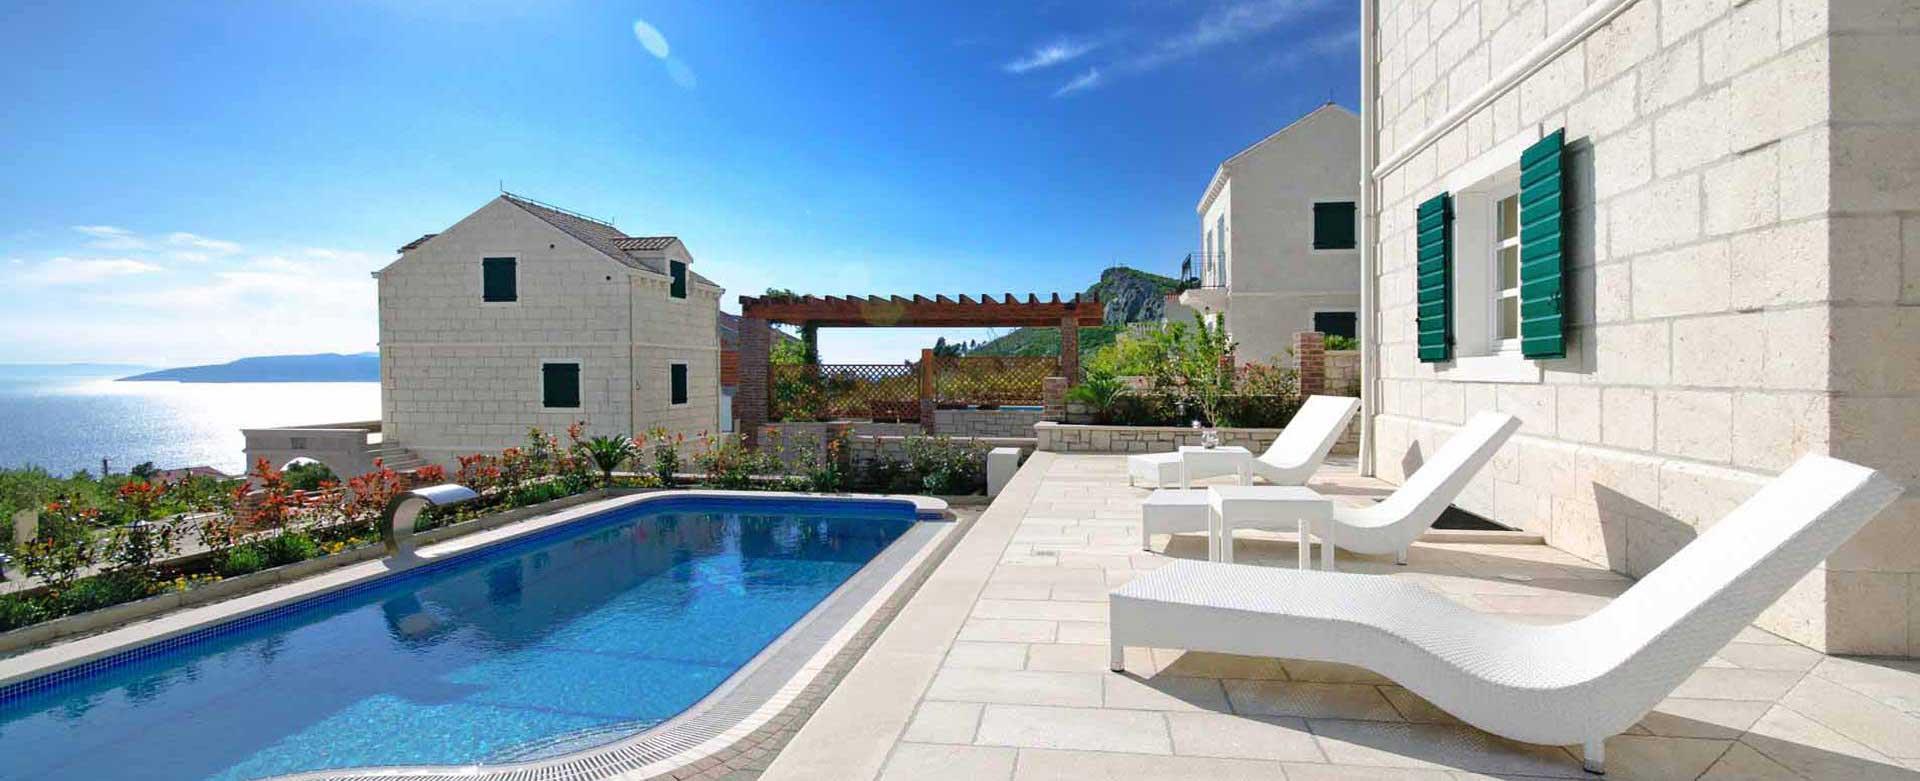 Ferienhaus kroatien mit pool am meer - Formentera ferienhaus mit pool ...